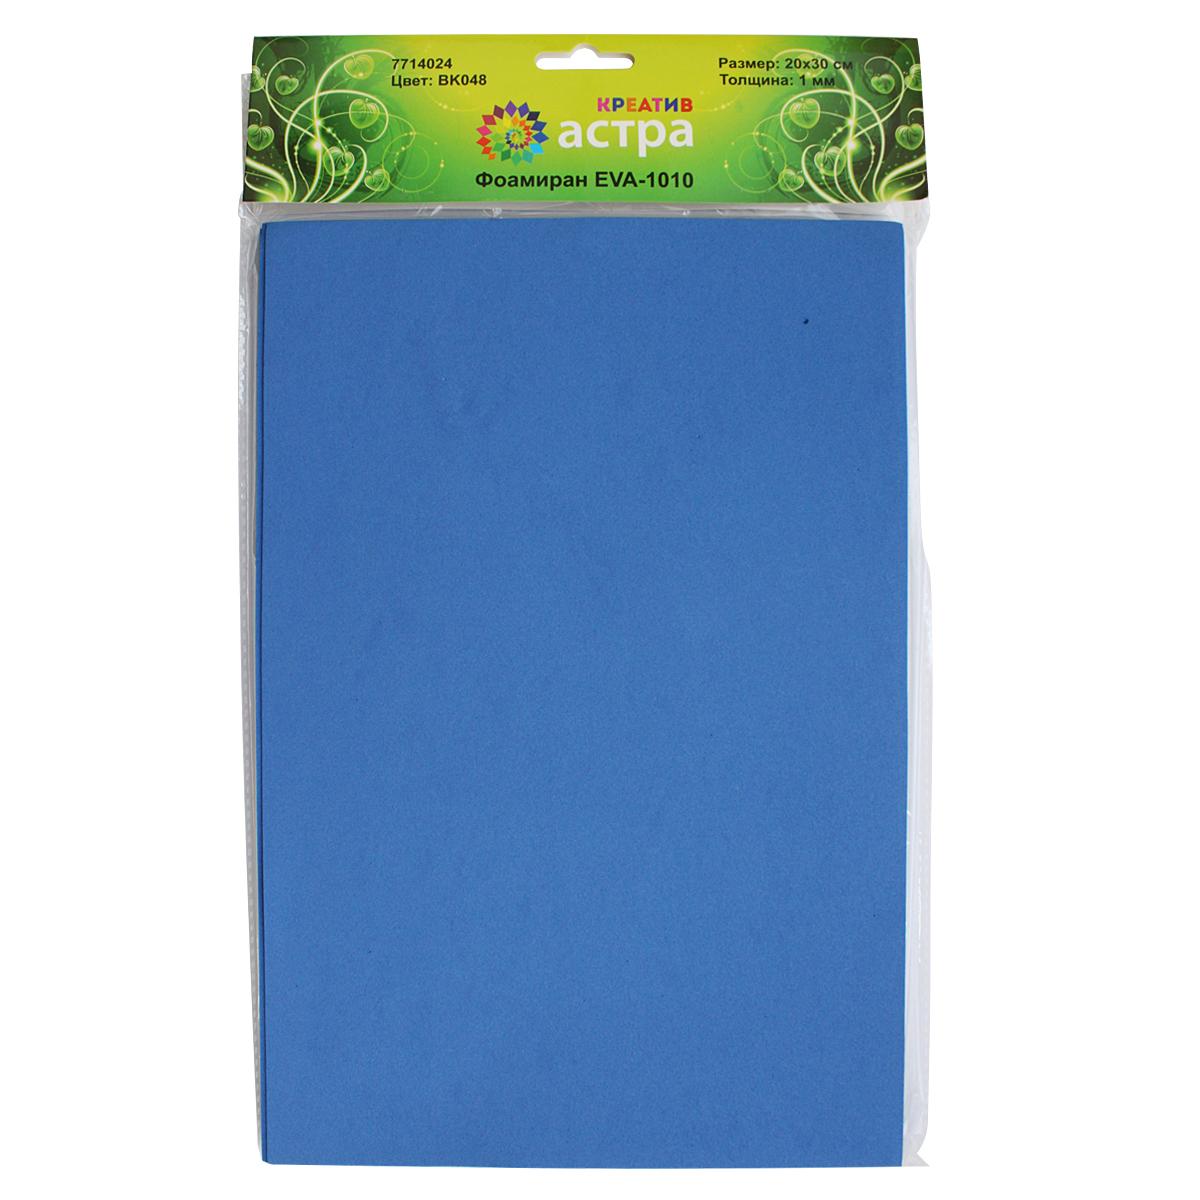 Фоамиран Астра, цвет: синий, 20 х 30 см, 10 шт7714024_BK048 синийФоамиран Астра - это пластичная замша, ее можно применить для создания разнообразного вида декора: открытки, магнитики, цветы, забавные игрушки и т.д. Главная особенность материала фоамиран заключается в его способности к незначительному растяжению, которого вполне достаточно для запоминания изделием своей формы.На ощупь мягкая синтетическая замша очень приятна и податлива, поэтому работать с ней не составит труда даже начинающему.Размер ткани: 200 x 300 мм. В упаковке 10 штук.